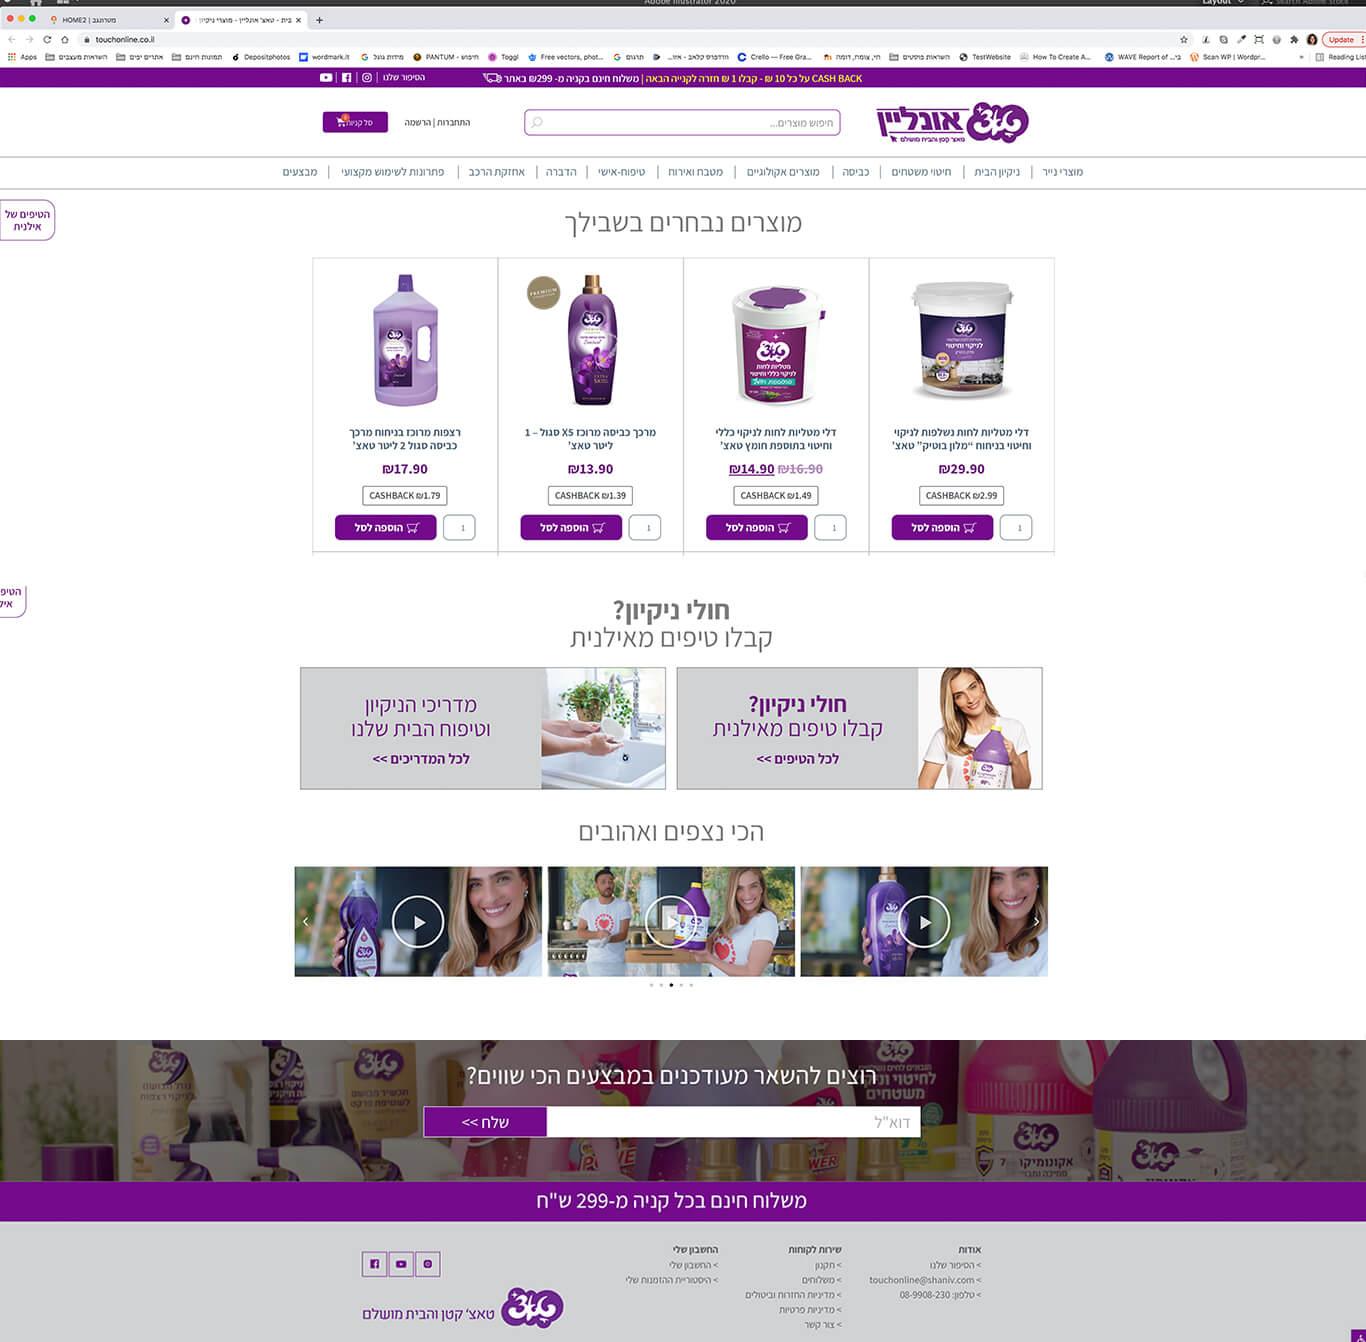 טאצ אונליין - אתר מכירות